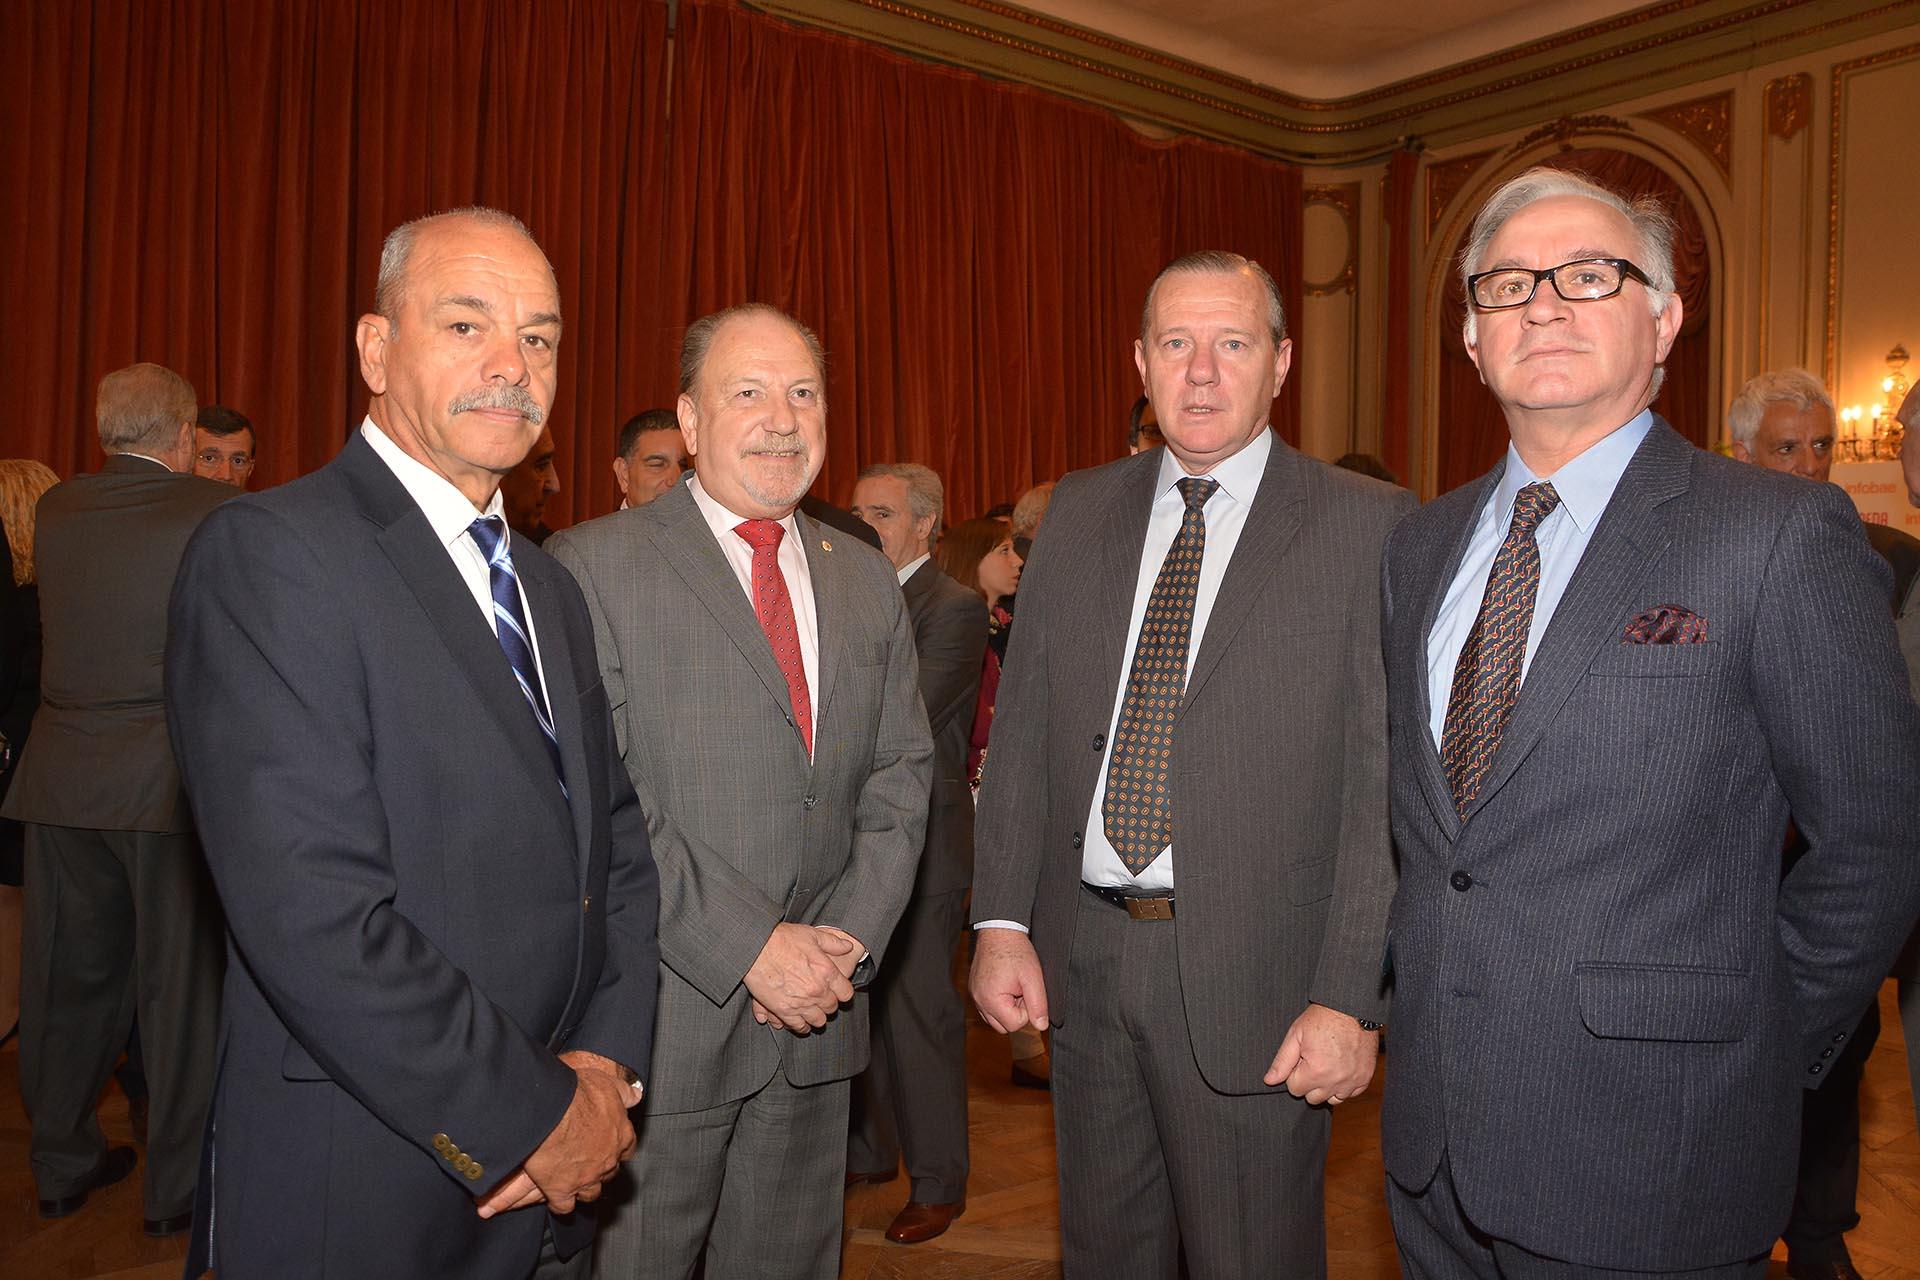 El ex jefe del Ejército, Ricardo Cundom; teniente general Francisco Gassino; coronel José Ernesto Scacchi y coronel Horacio Sánchez Mariño.